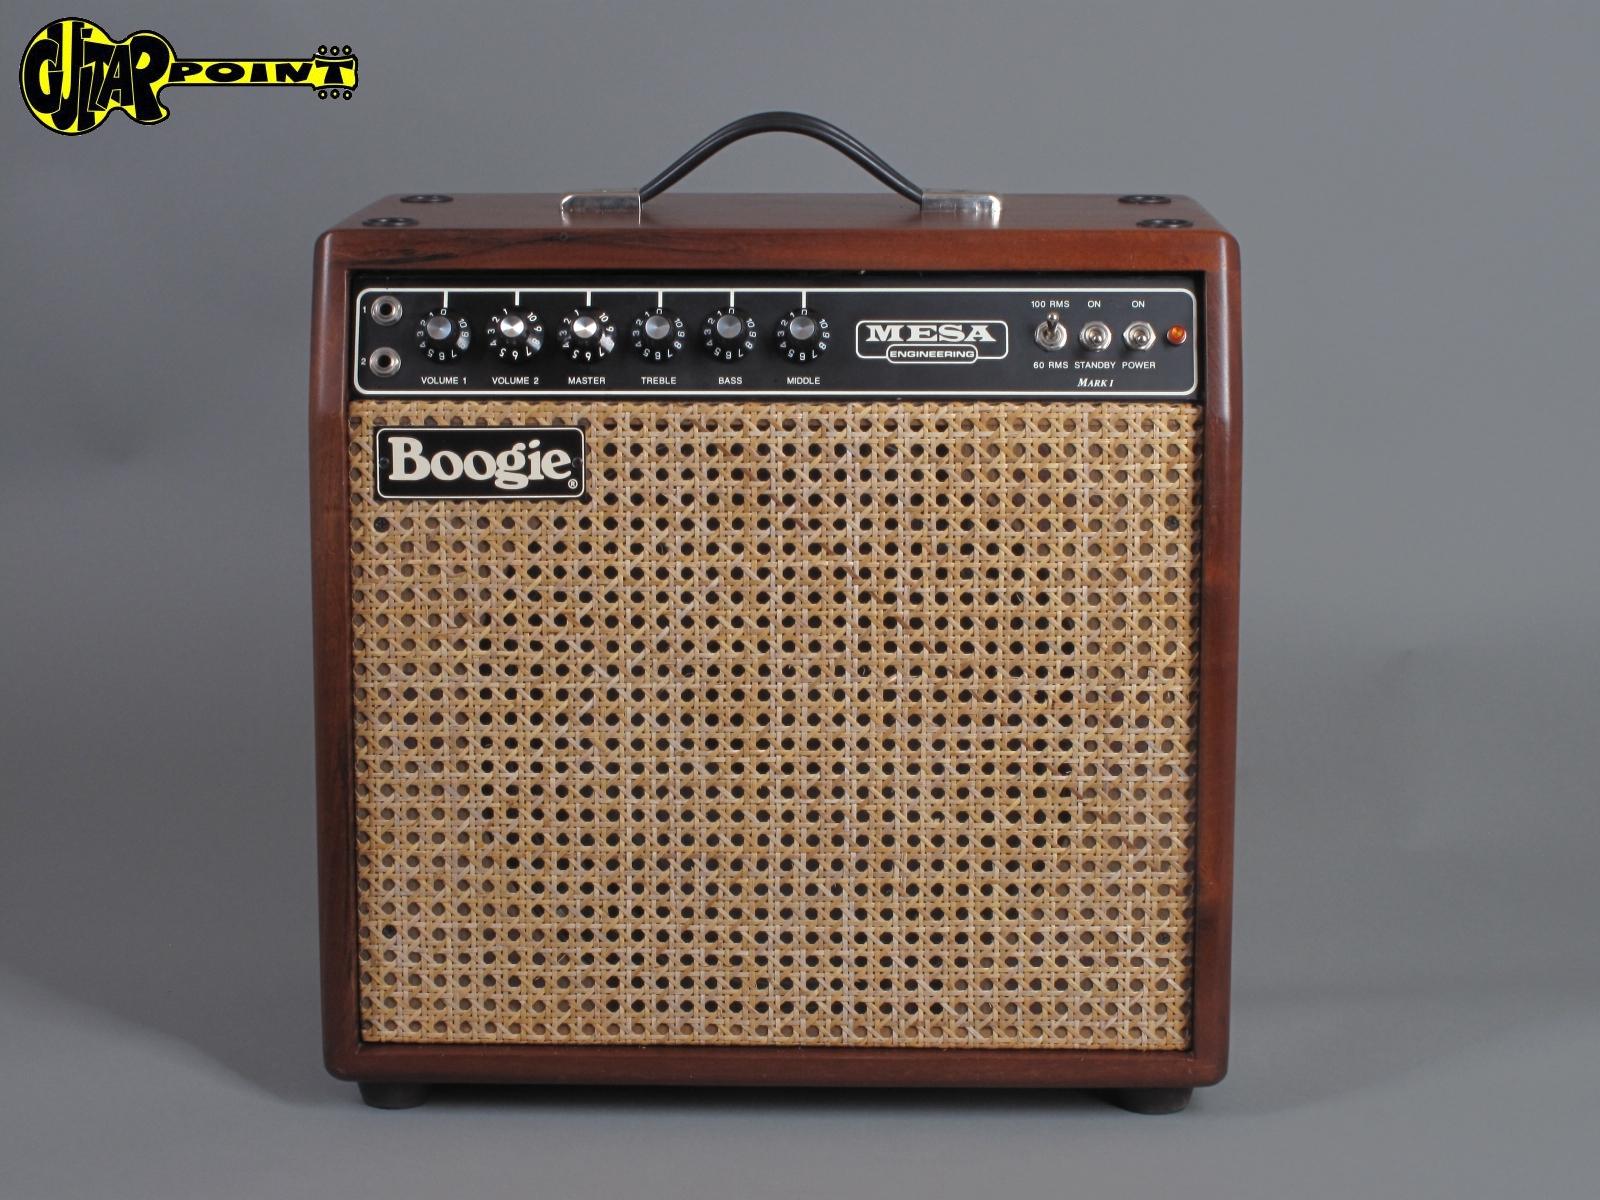 1990 Mesa Boogie Mark 1 Reissue - Mahogany Cabinet